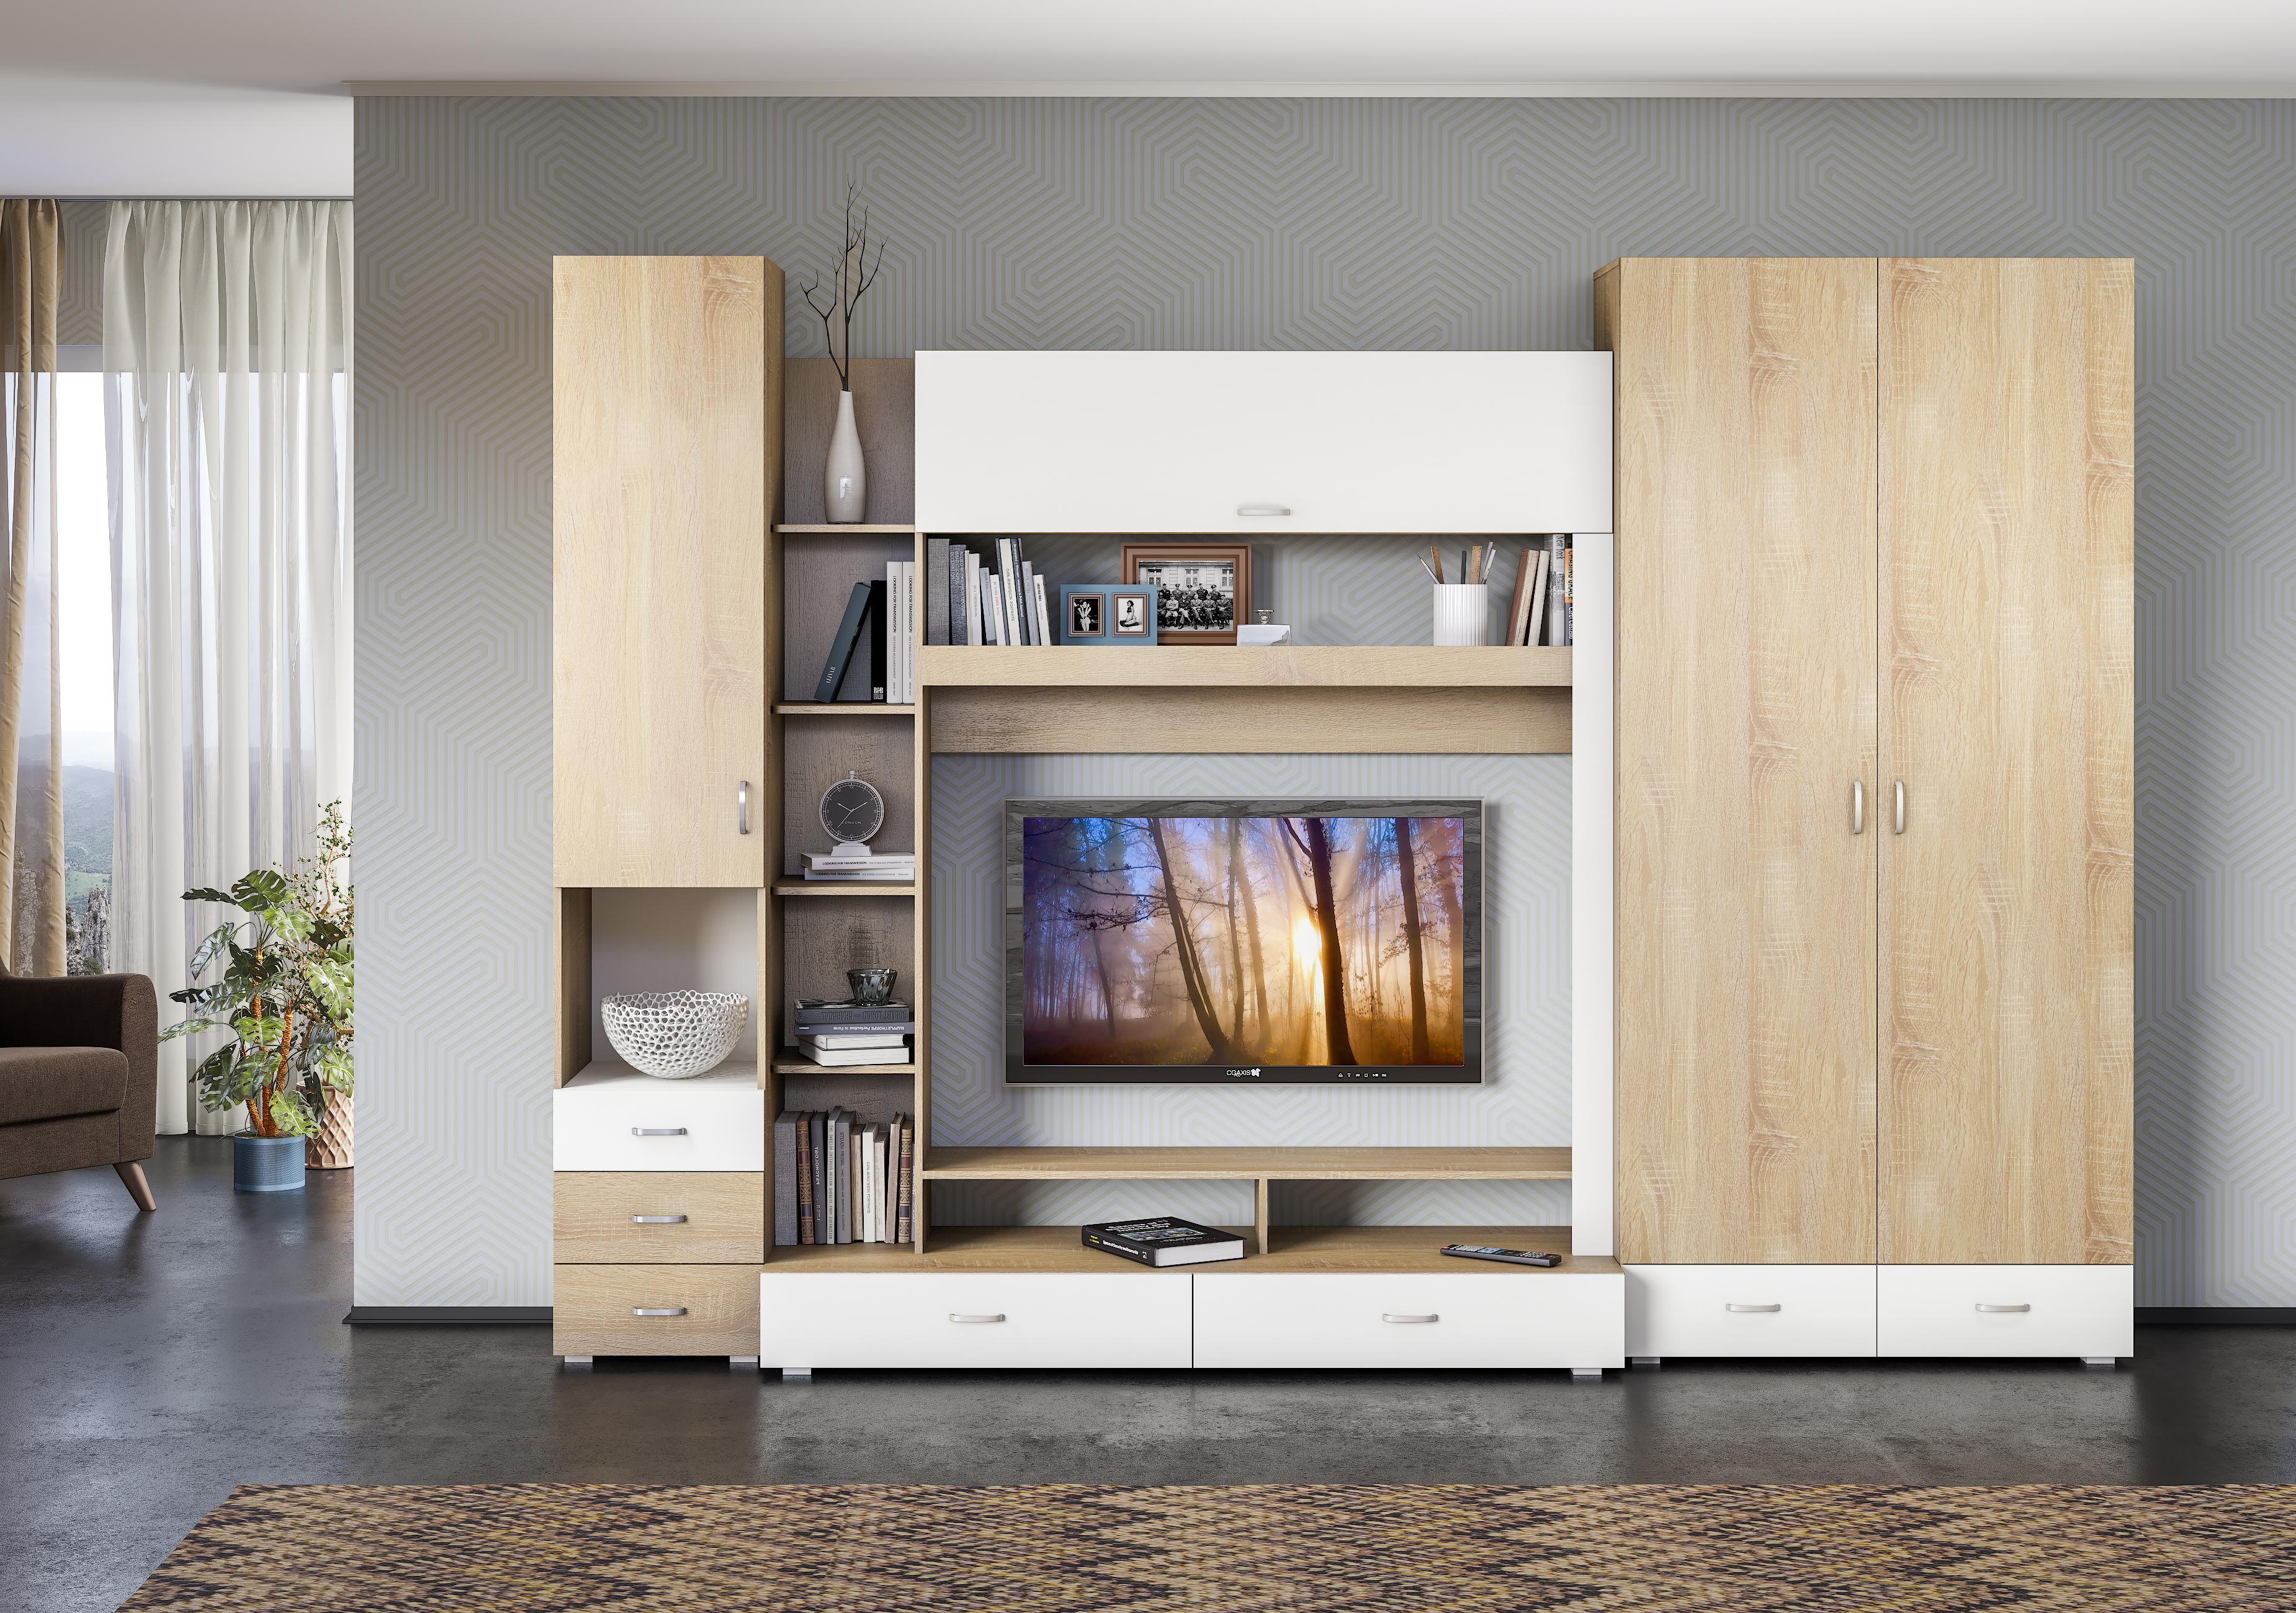 Недорогая, но стильная мебель для дома? Возможно все